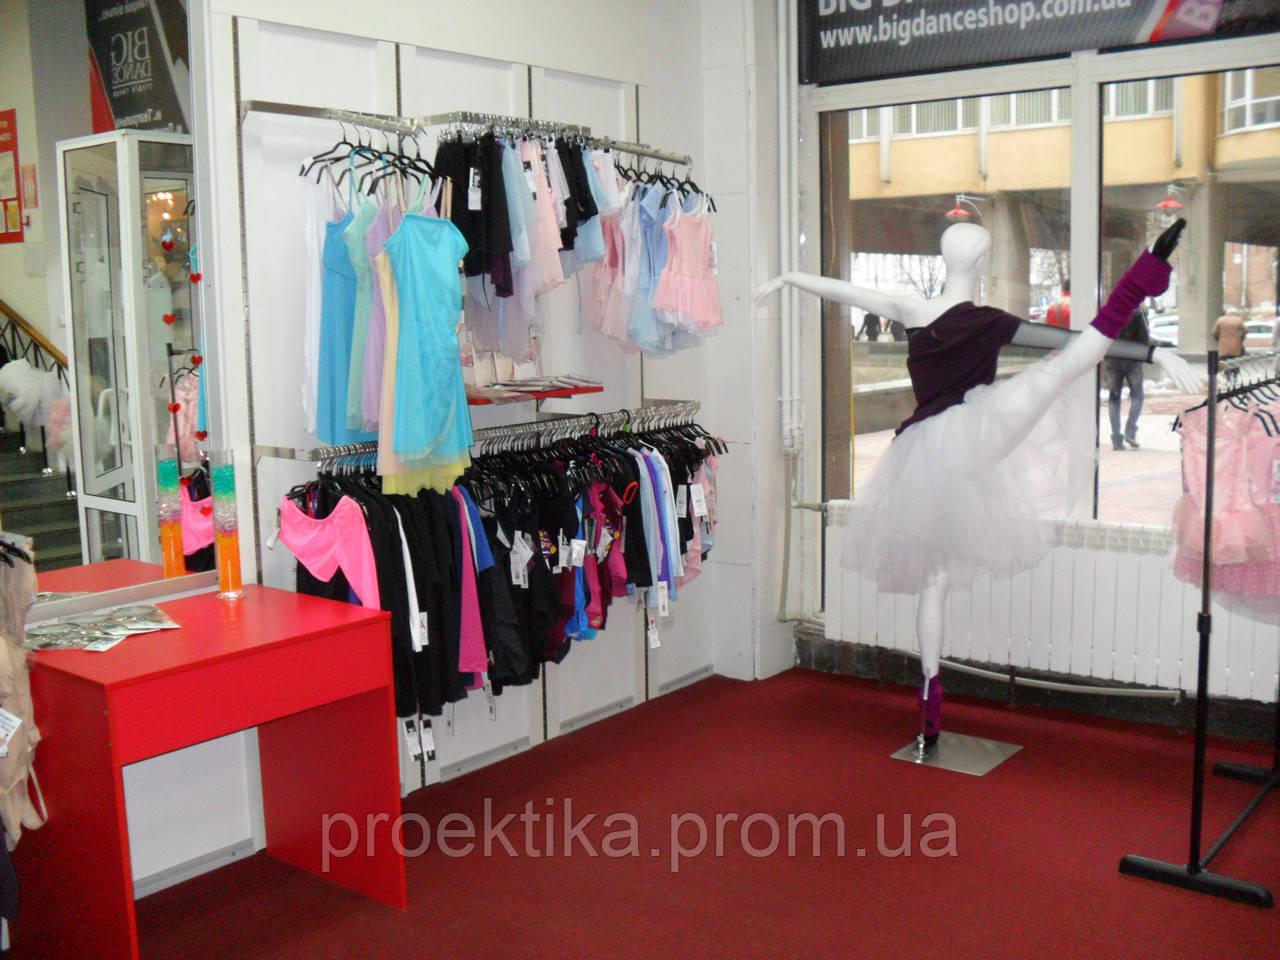 98fb012ebf5 Торговое оборудование для магазина одежды. - ООО «Проектика» в Киеве